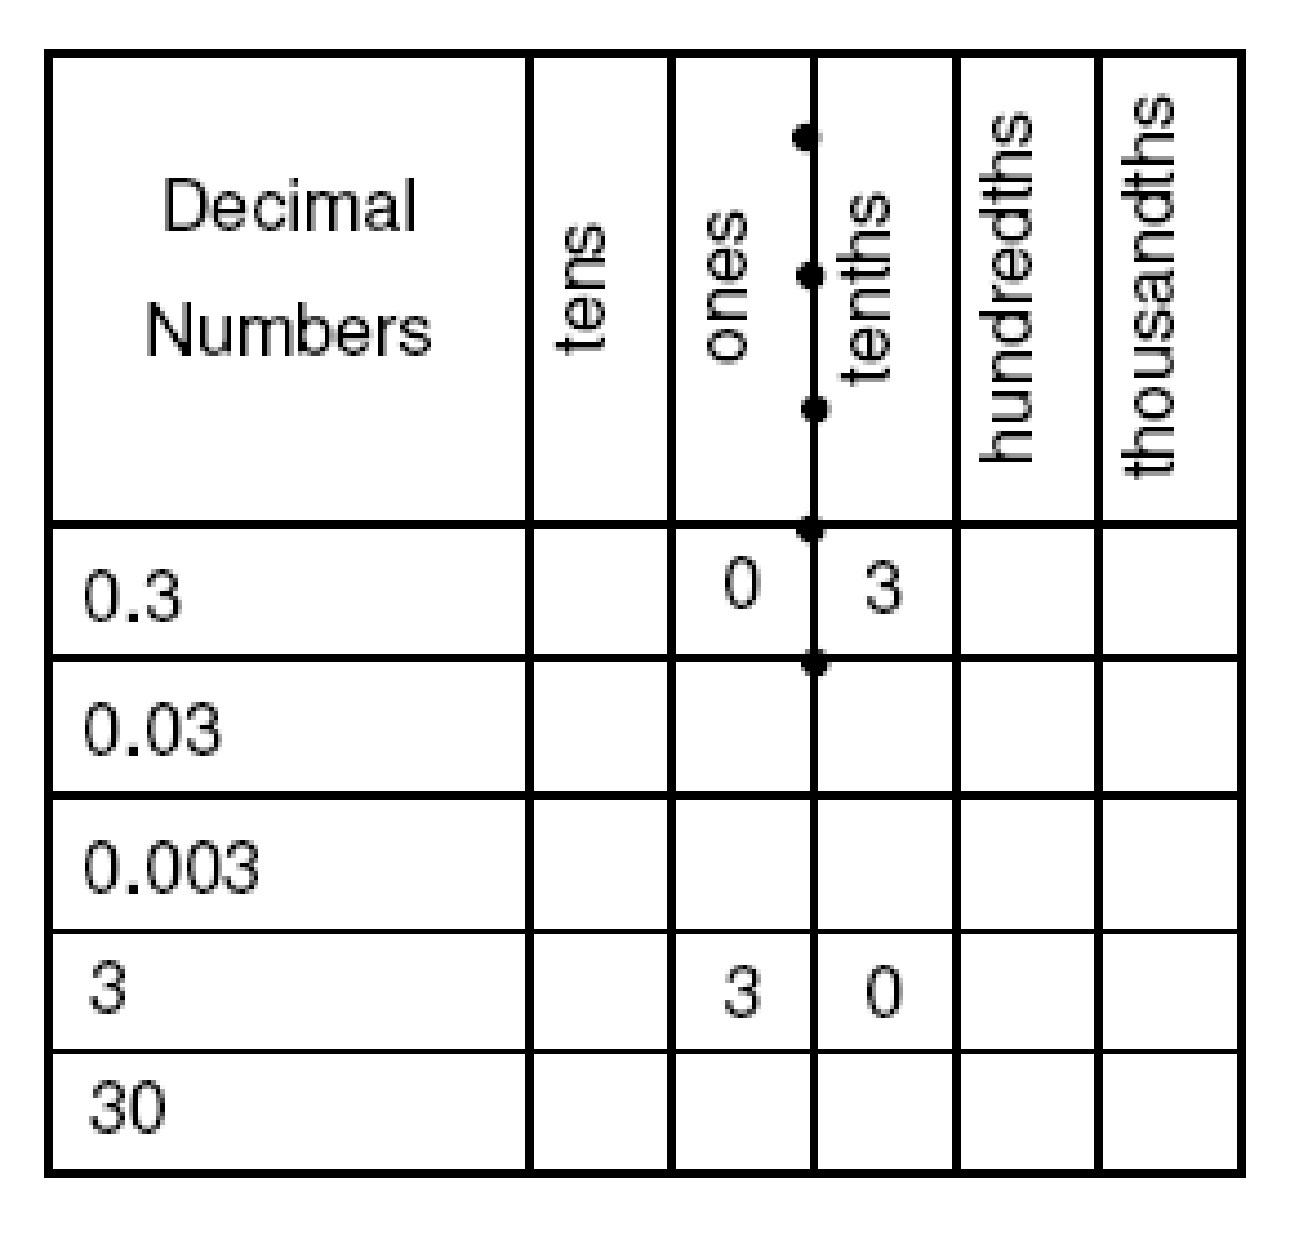 4 1 2b Decimals